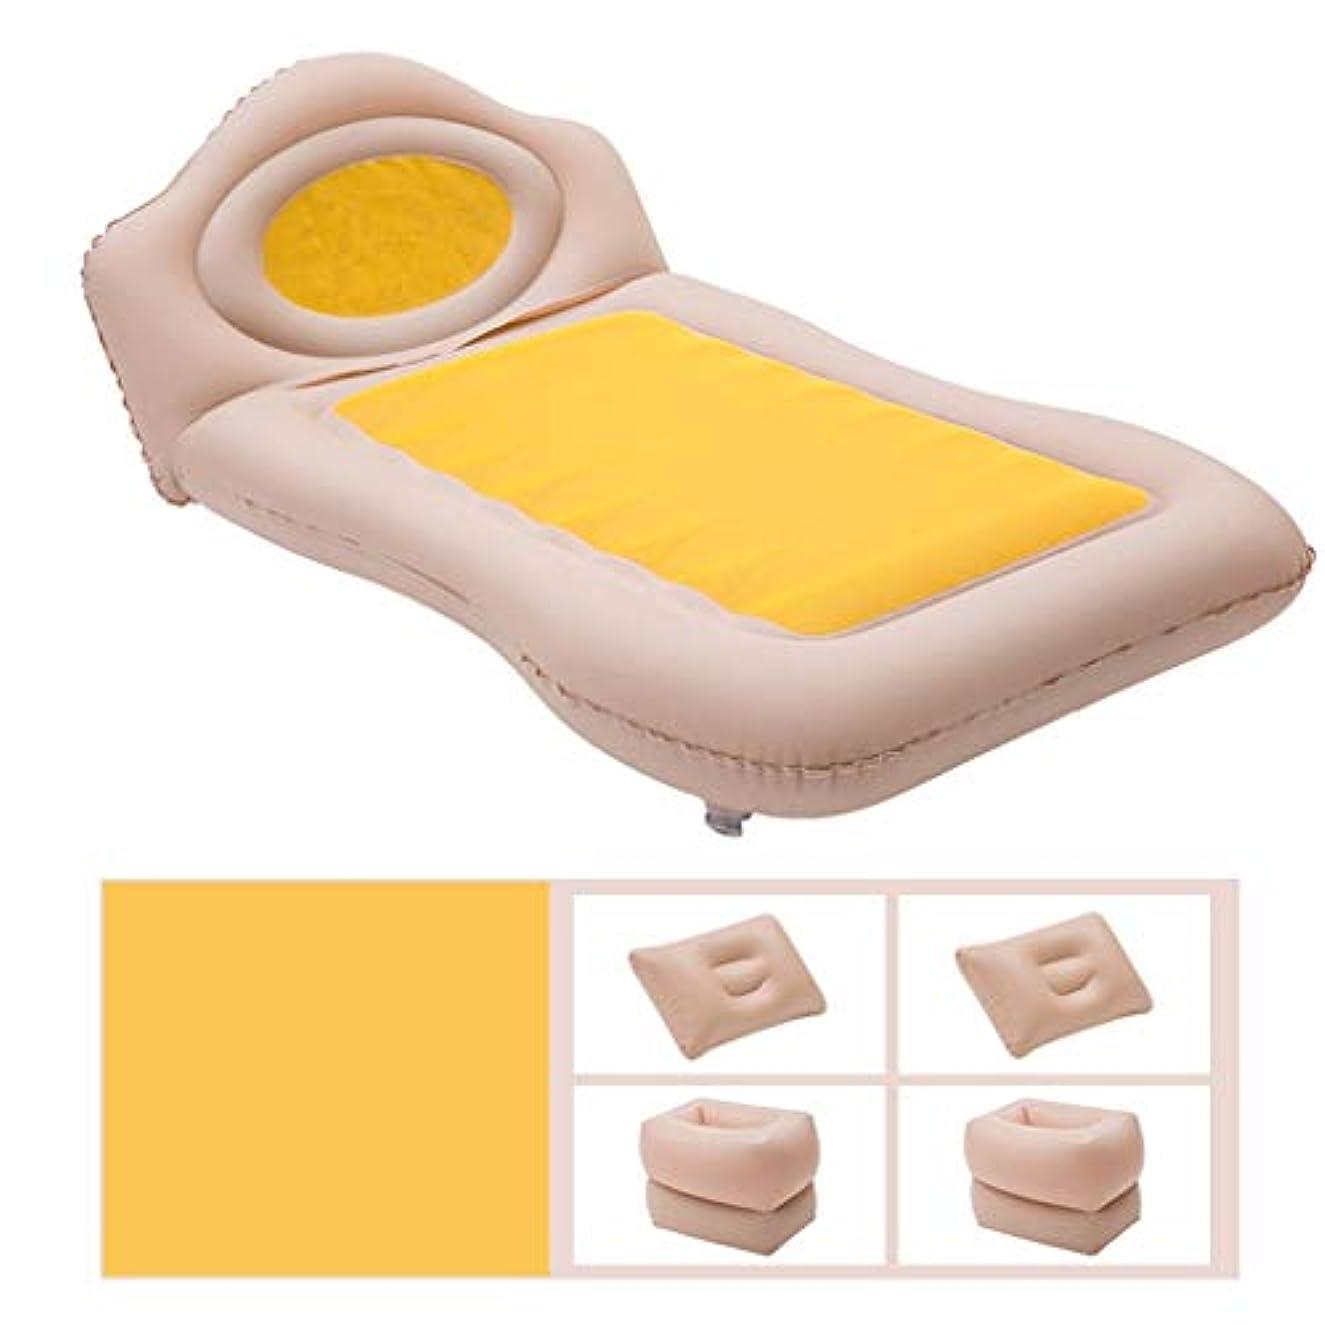 主人ダイヤモンド放映TXOZ 車の後部座席延長マットレス車の膨脹可能なベッド車の睡眠のマットレス車のエアベッド カーエアーベッド (Color : Yellow)